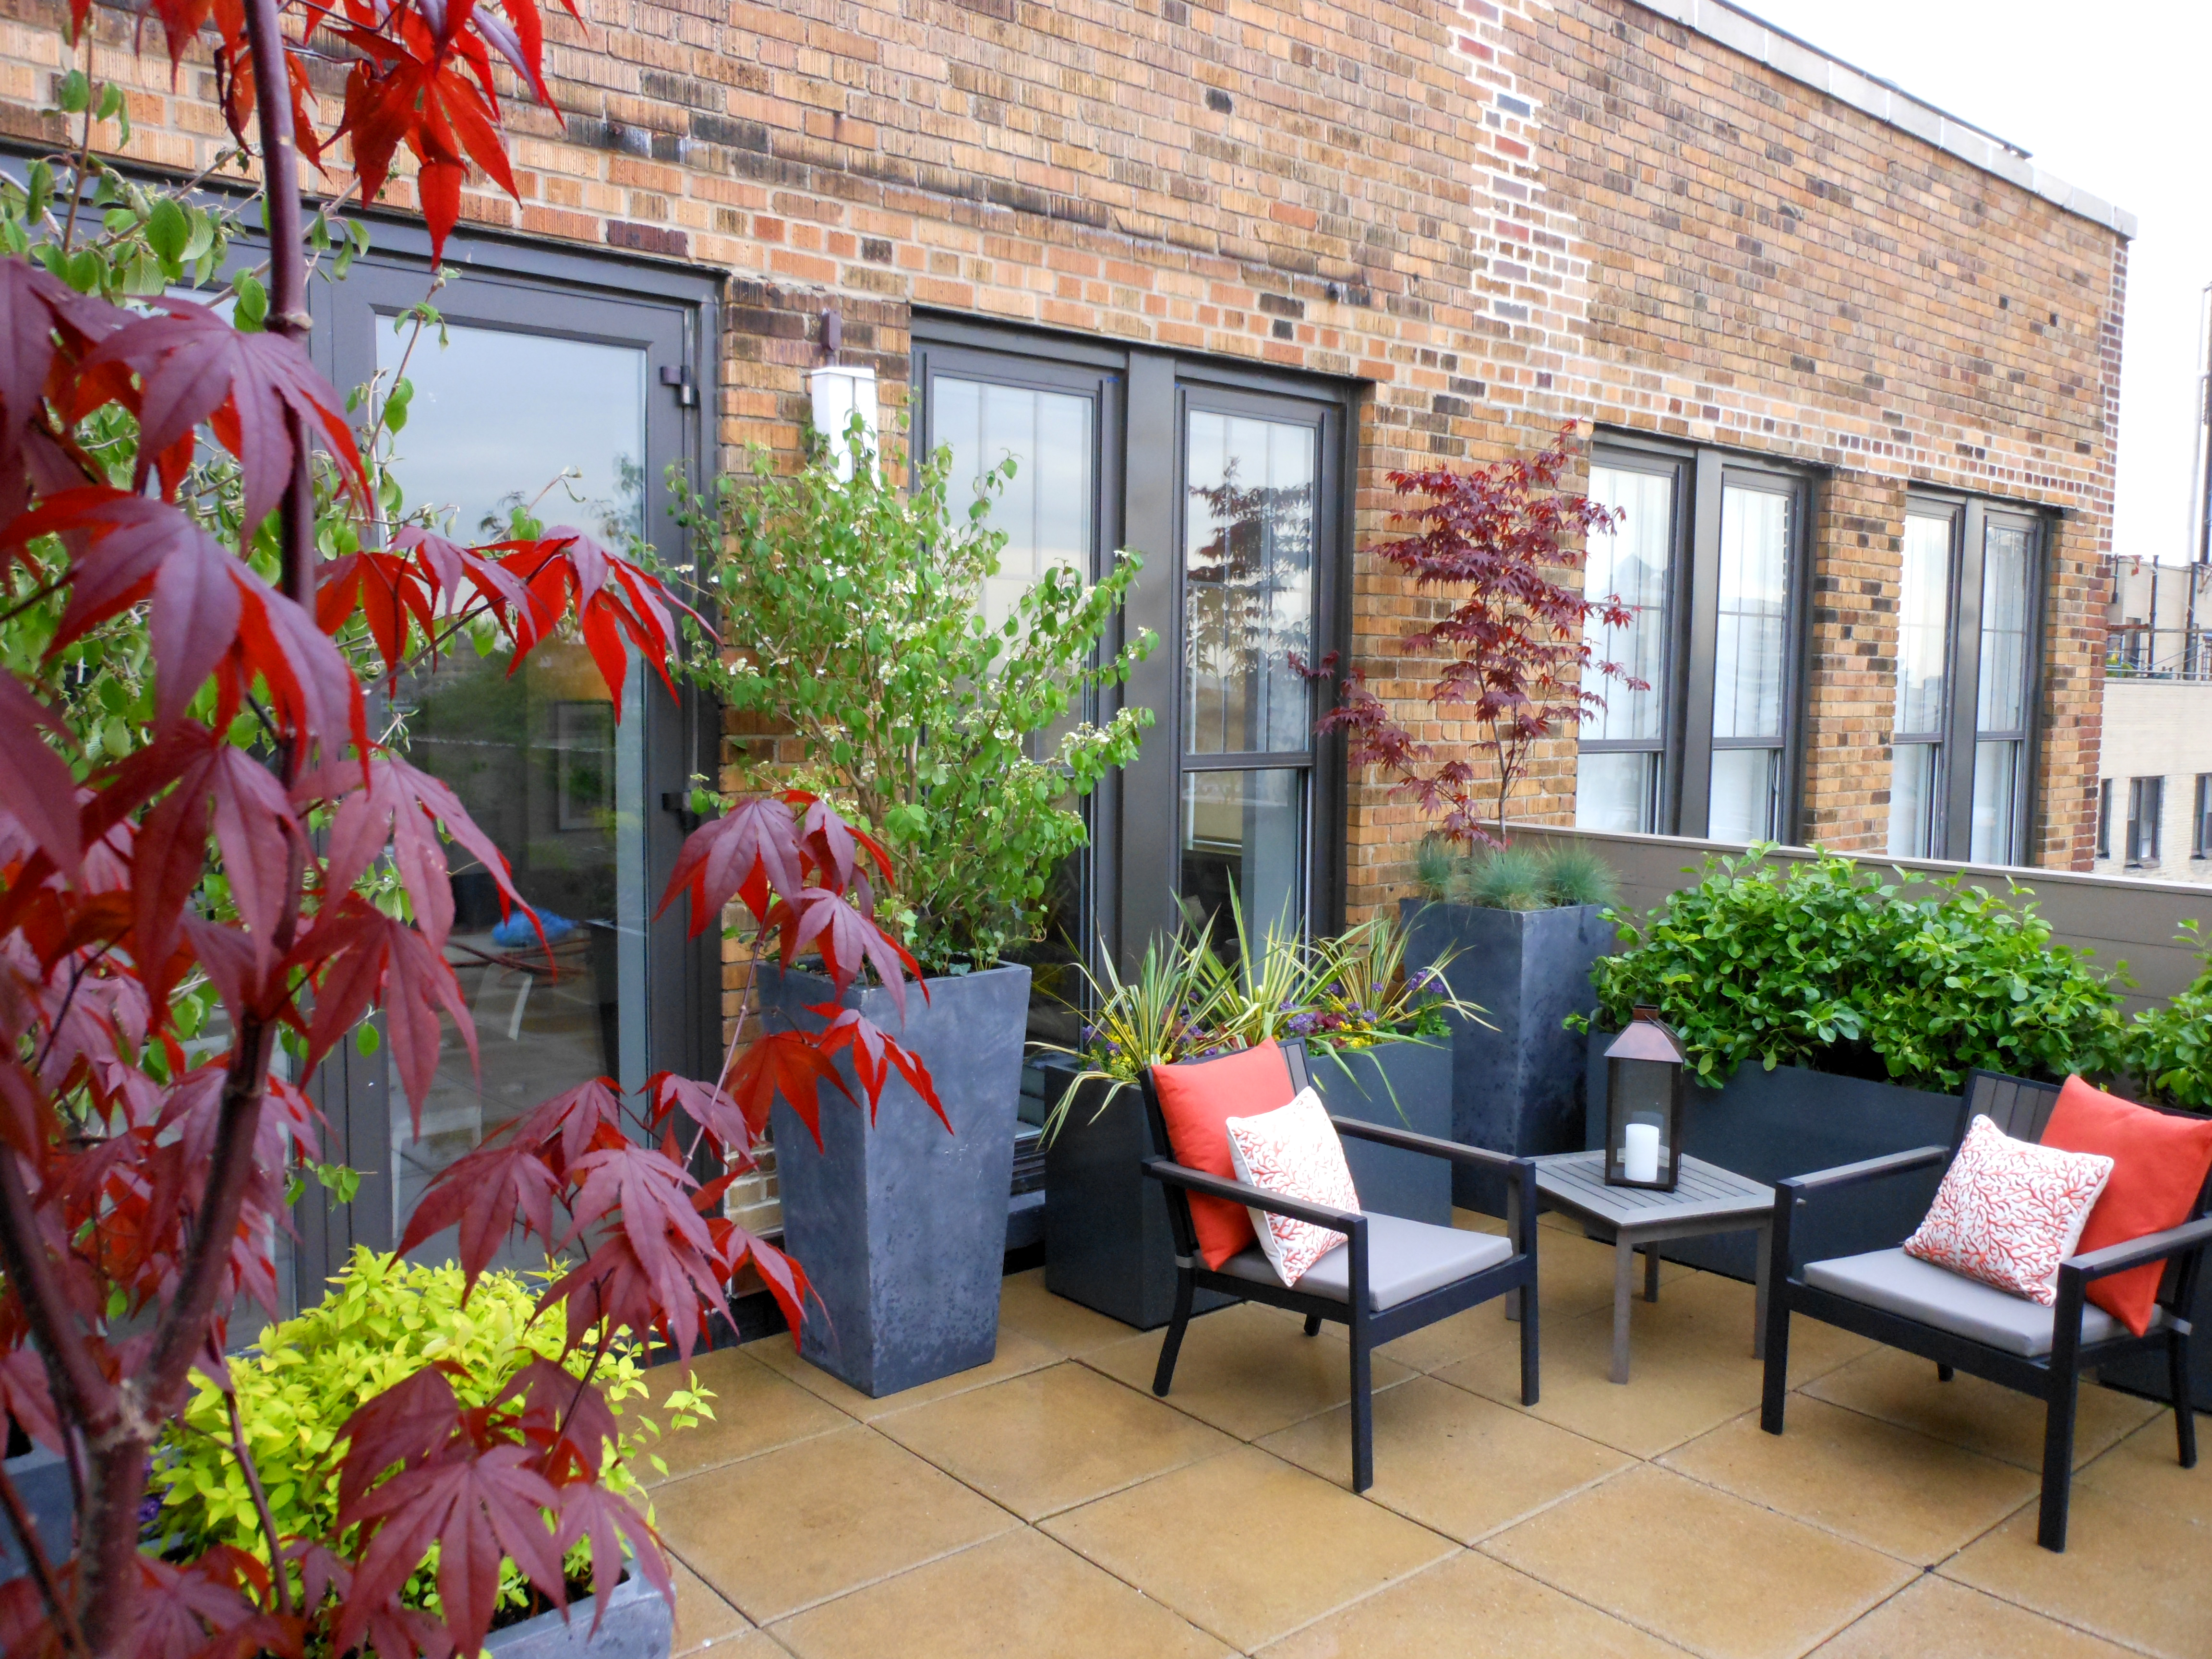 Nyc garden staging erbology - Jardines con encanto ...